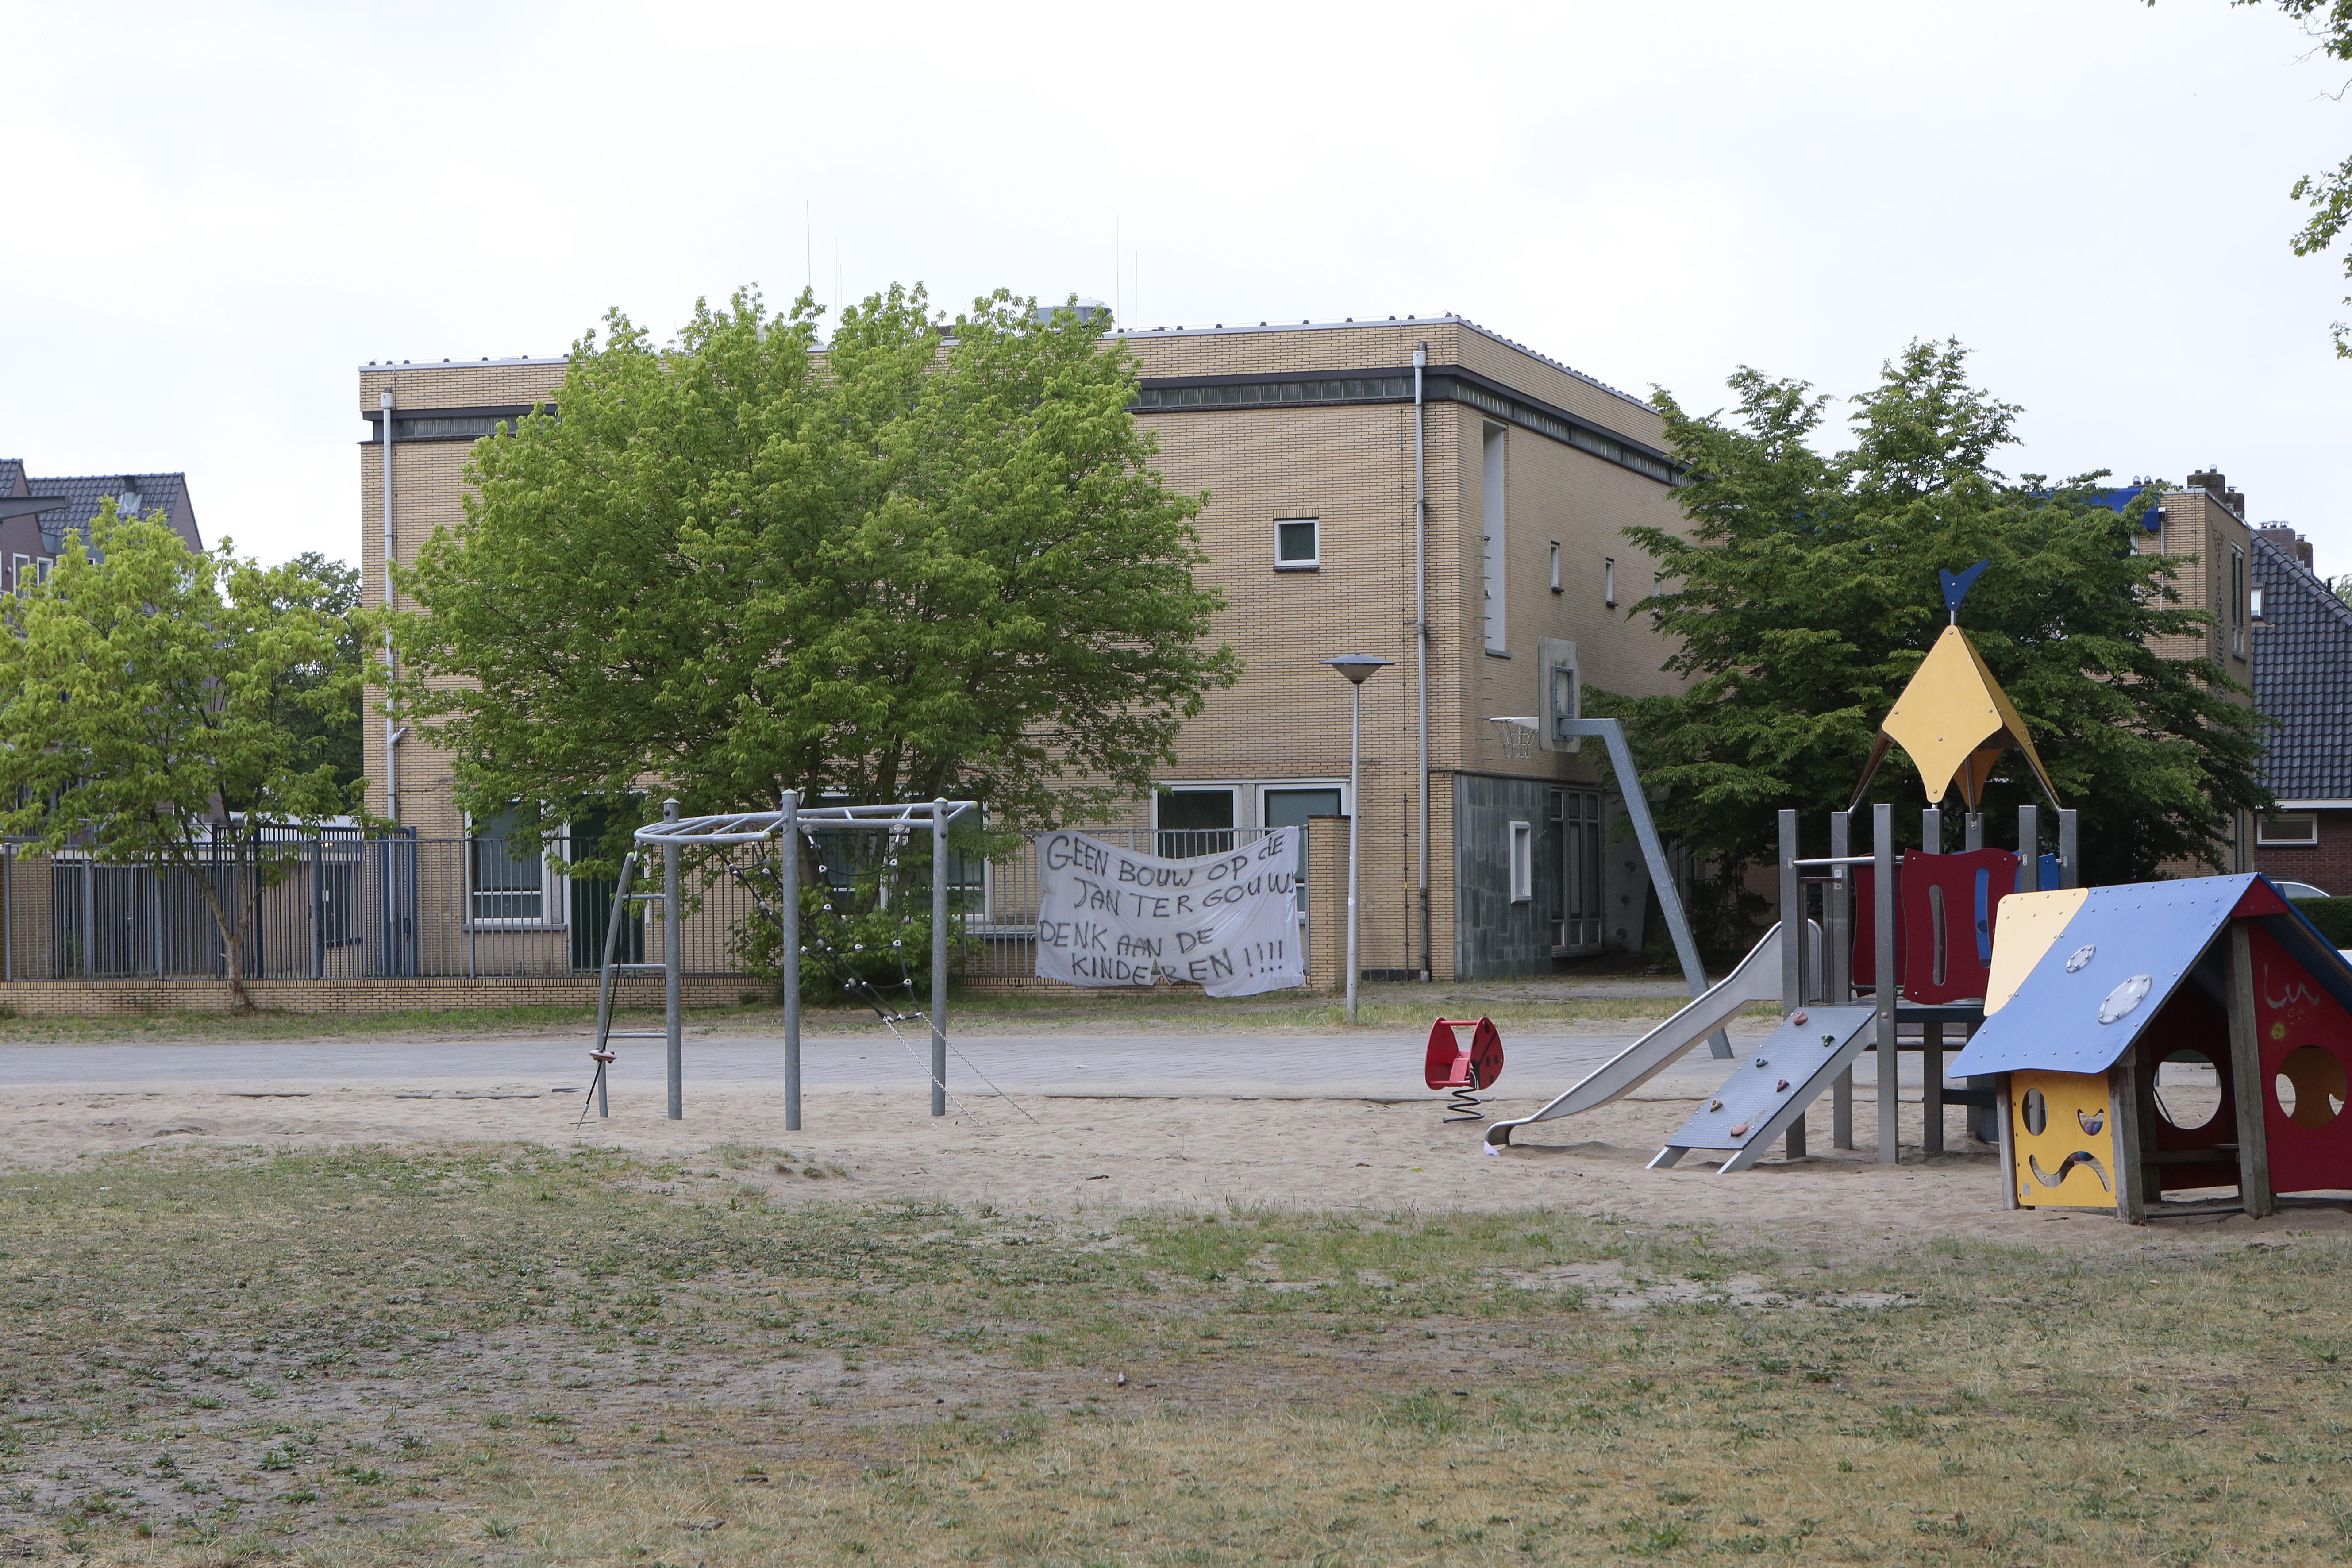 Er blijven twijfels over de speelruimte rond Jan ter Gouwweg in Naarden, ondanks geruststelling van het college: 'Is een perk geschikt voor spelende kinderen?'